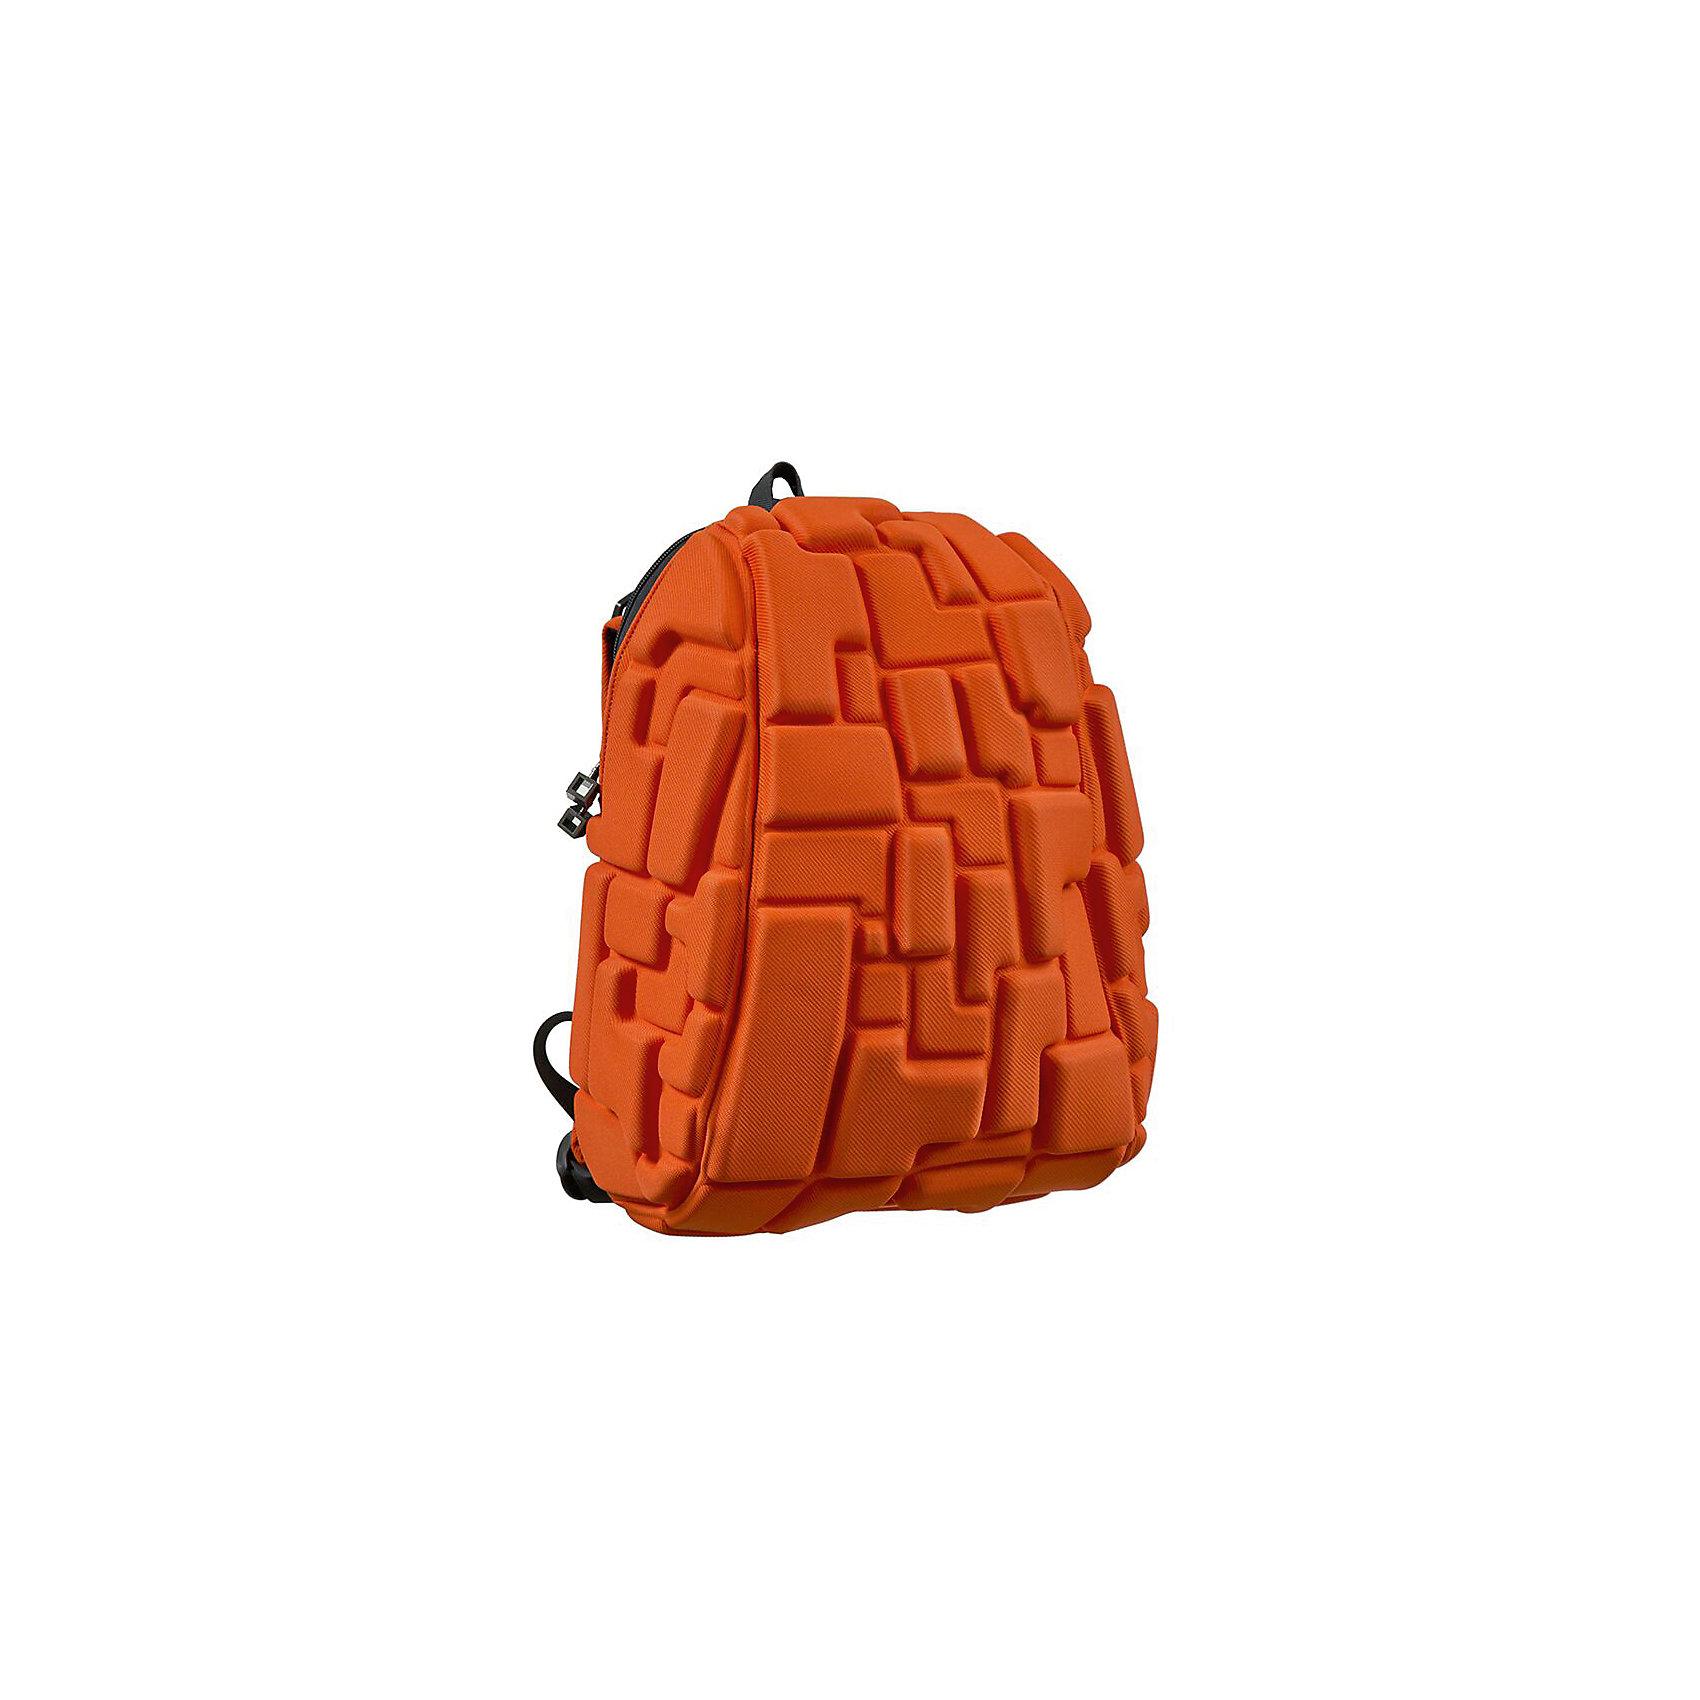 Рюкзак Blok Half, цвет Pass the OJ ( оранжевый)Рюкзаки<br>Характеристики товара:<br><br>• цвет:  Pass the OJ (оранжевый);<br>• возраст: от 3 лет;<br>• вес: 0,6 кг;<br>• размер: 36х30х15 см;<br>• одно отделение на молнии;<br>• вместительный;<br>• лямки регулируются по высоте;<br>• ортопедическая спинка;<br>• карман - окошко для контактной информации;<br>• материал: полиспандекс;<br>• страна бренда: США;<br>• страна изготовитель: Китай.<br><br>Рюкзаки Madpax отличаются оригинальностью дизайна. Рельефное покрытие рюкзака «Blok Half» напоминает футуристические строительные блоки.<br><br>Он способен вместить практически все вещи владельца, внутри достаточно просторно. Эргономичные ручки дают возможность без лишних усилий переносить тяжелую сумку за спиной. Вентилируемым материал на ортопедической спинке создаст комфорт. Внутри 2 отделения: большое для основных вещей и отделение для папки формата А4 или планшета с диагональю до 13 дюймов. Этот рюкзак придаст индивидуальность его владельцу.<br><br>Рюкзак Madpax «Blok Half» можно купить в нашем интернет-магазине.<br><br>Ширина мм: 360<br>Глубина мм: 300<br>Высота мм: 150<br>Вес г: 600<br>Возраст от месяцев: 36<br>Возраст до месяцев: 720<br>Пол: Унисекс<br>Возраст: Детский<br>SKU: 7054120